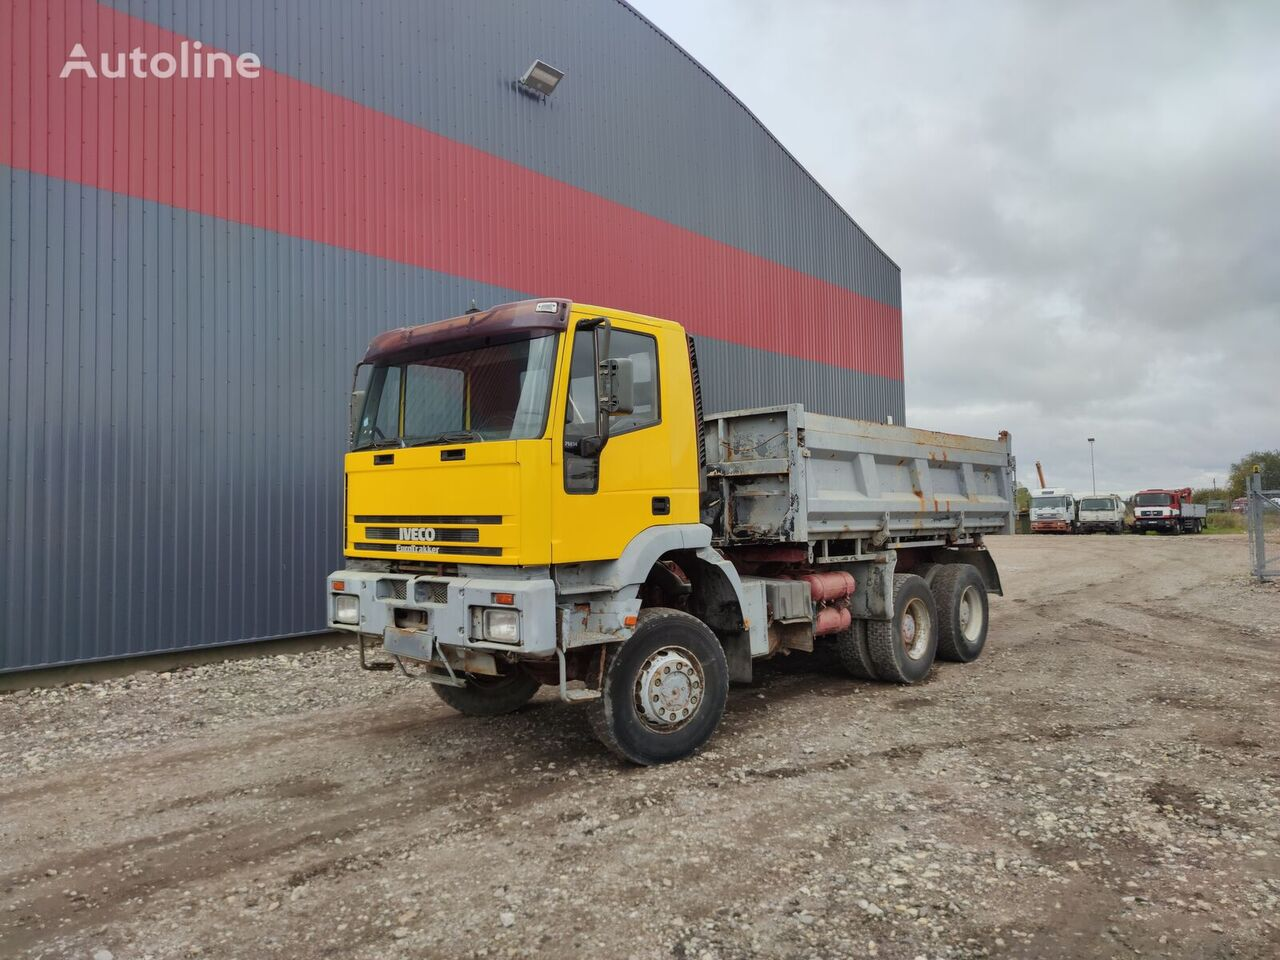 IVECO 380E34, 6x6 dump truck